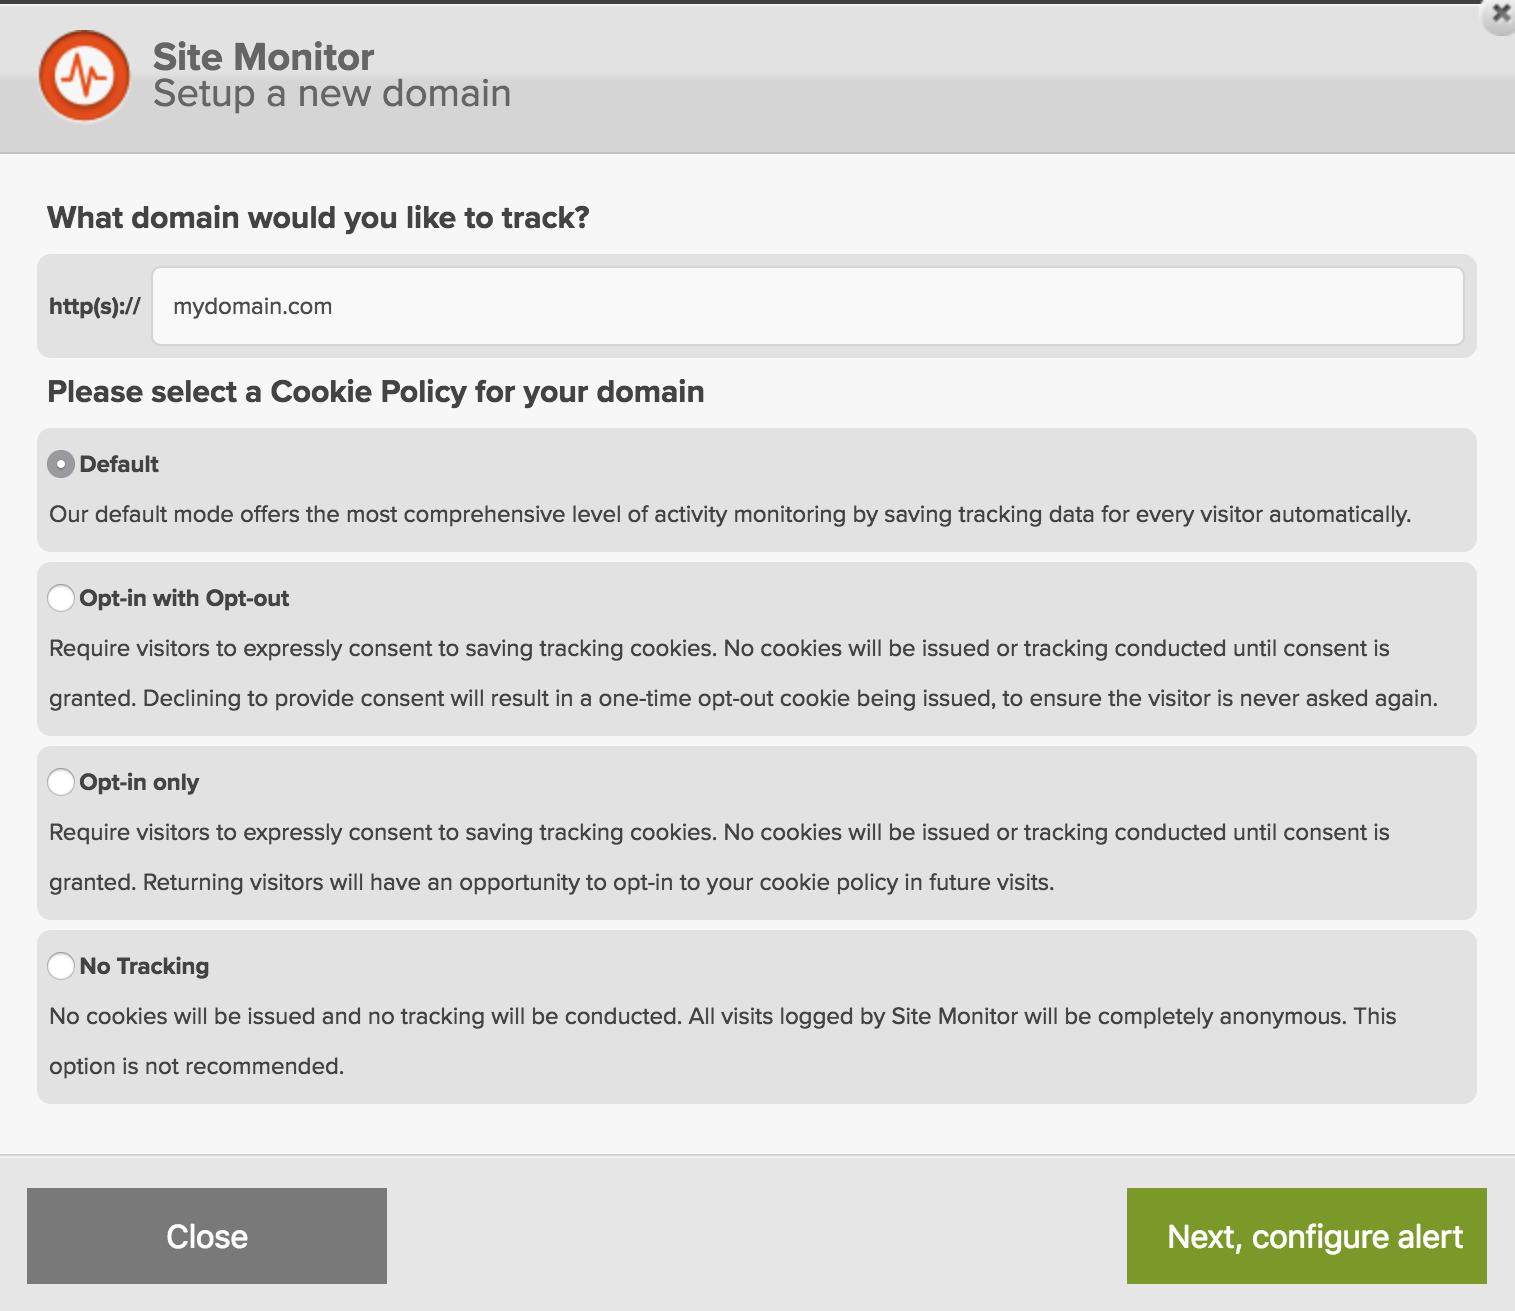 sitemonitor-inbox25-cookie-settings.png